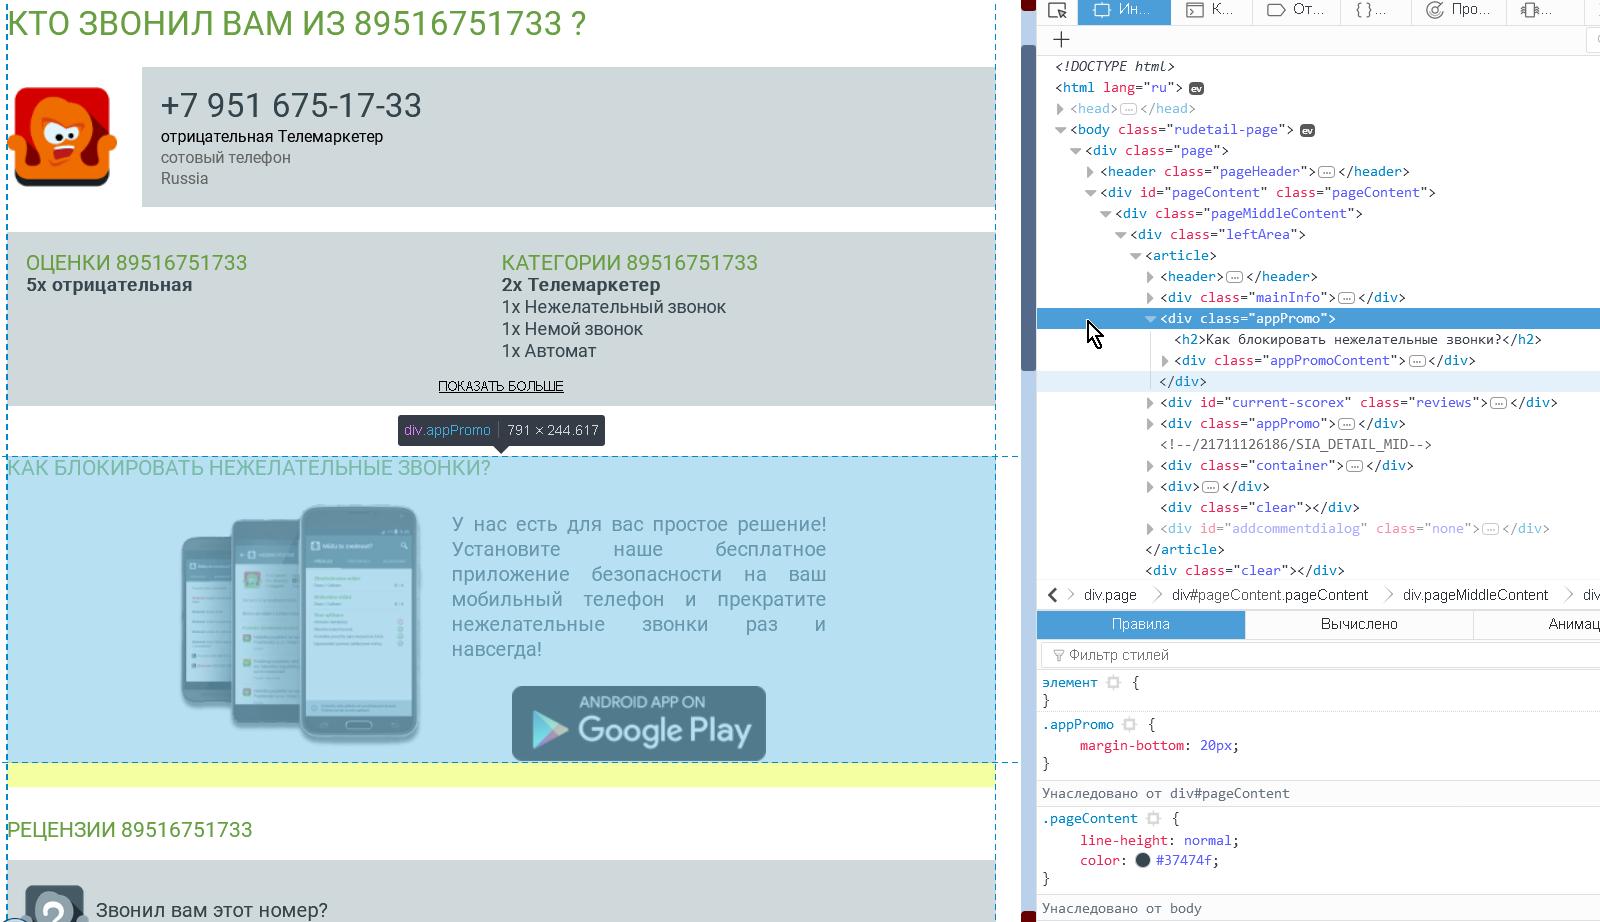 Исходный код приложения